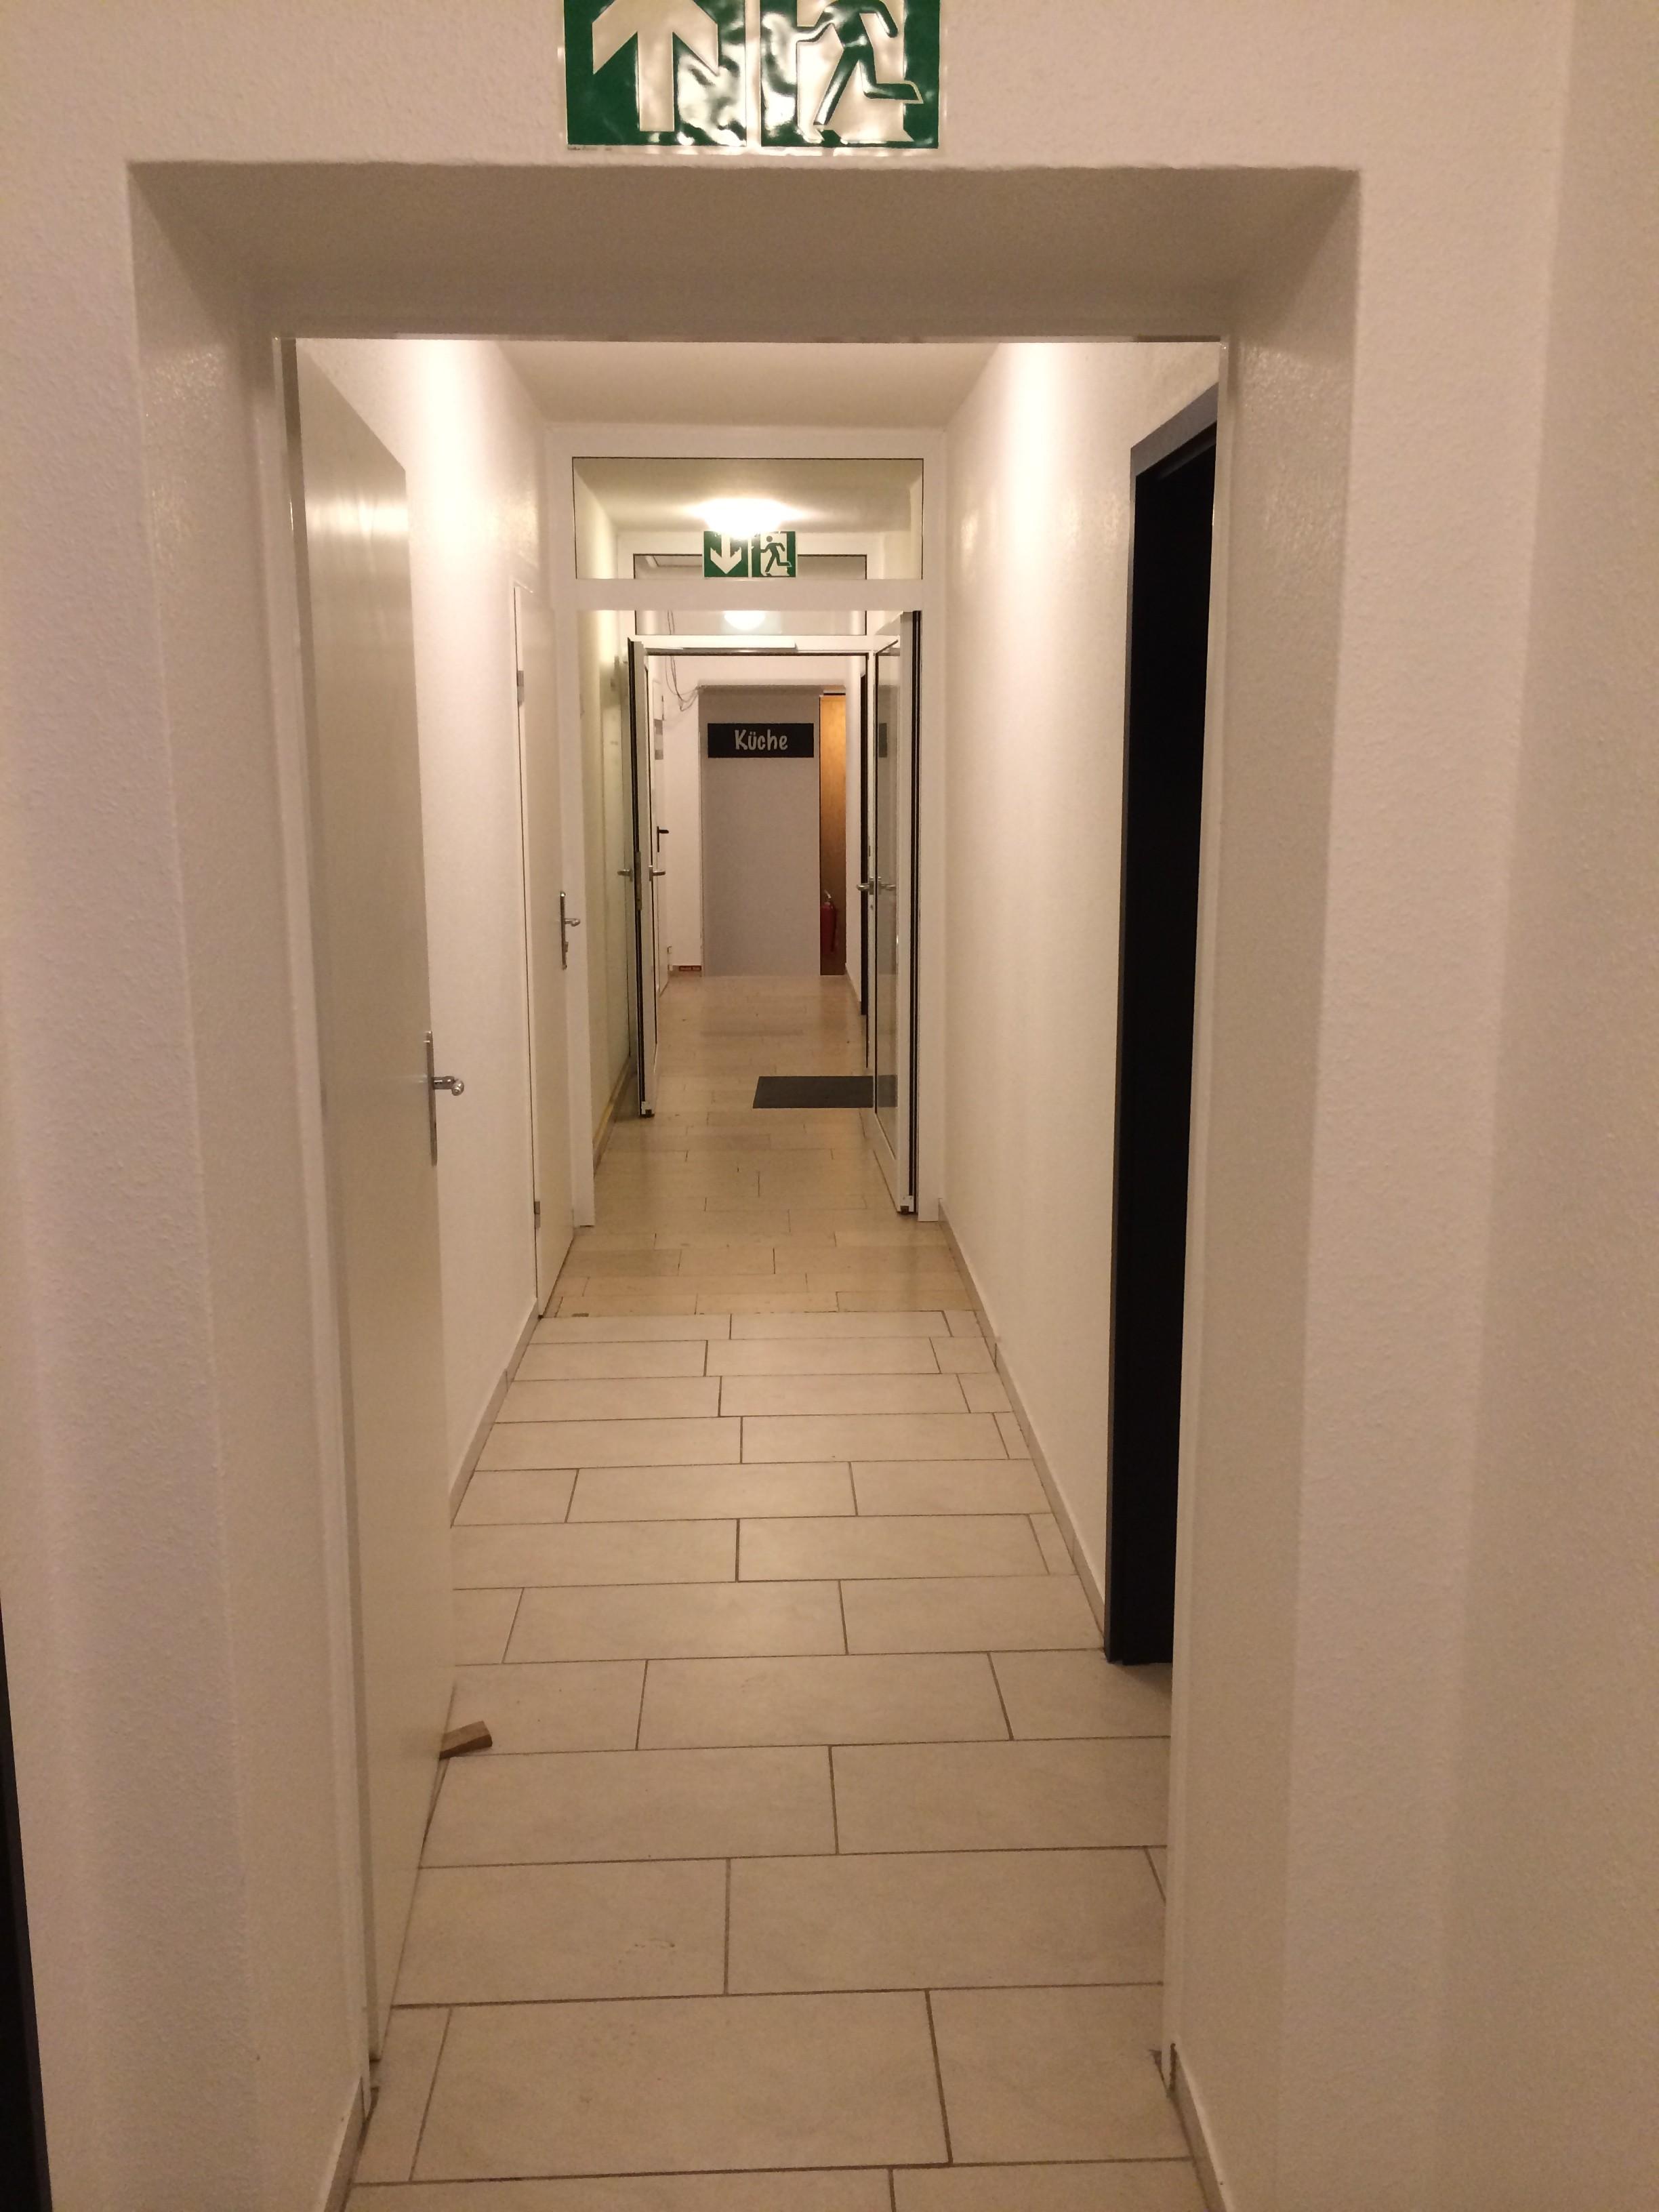 flurlicht im treppenhaus erh ht sicherheit f r g stehotel pension appartement haus. Black Bedroom Furniture Sets. Home Design Ideas